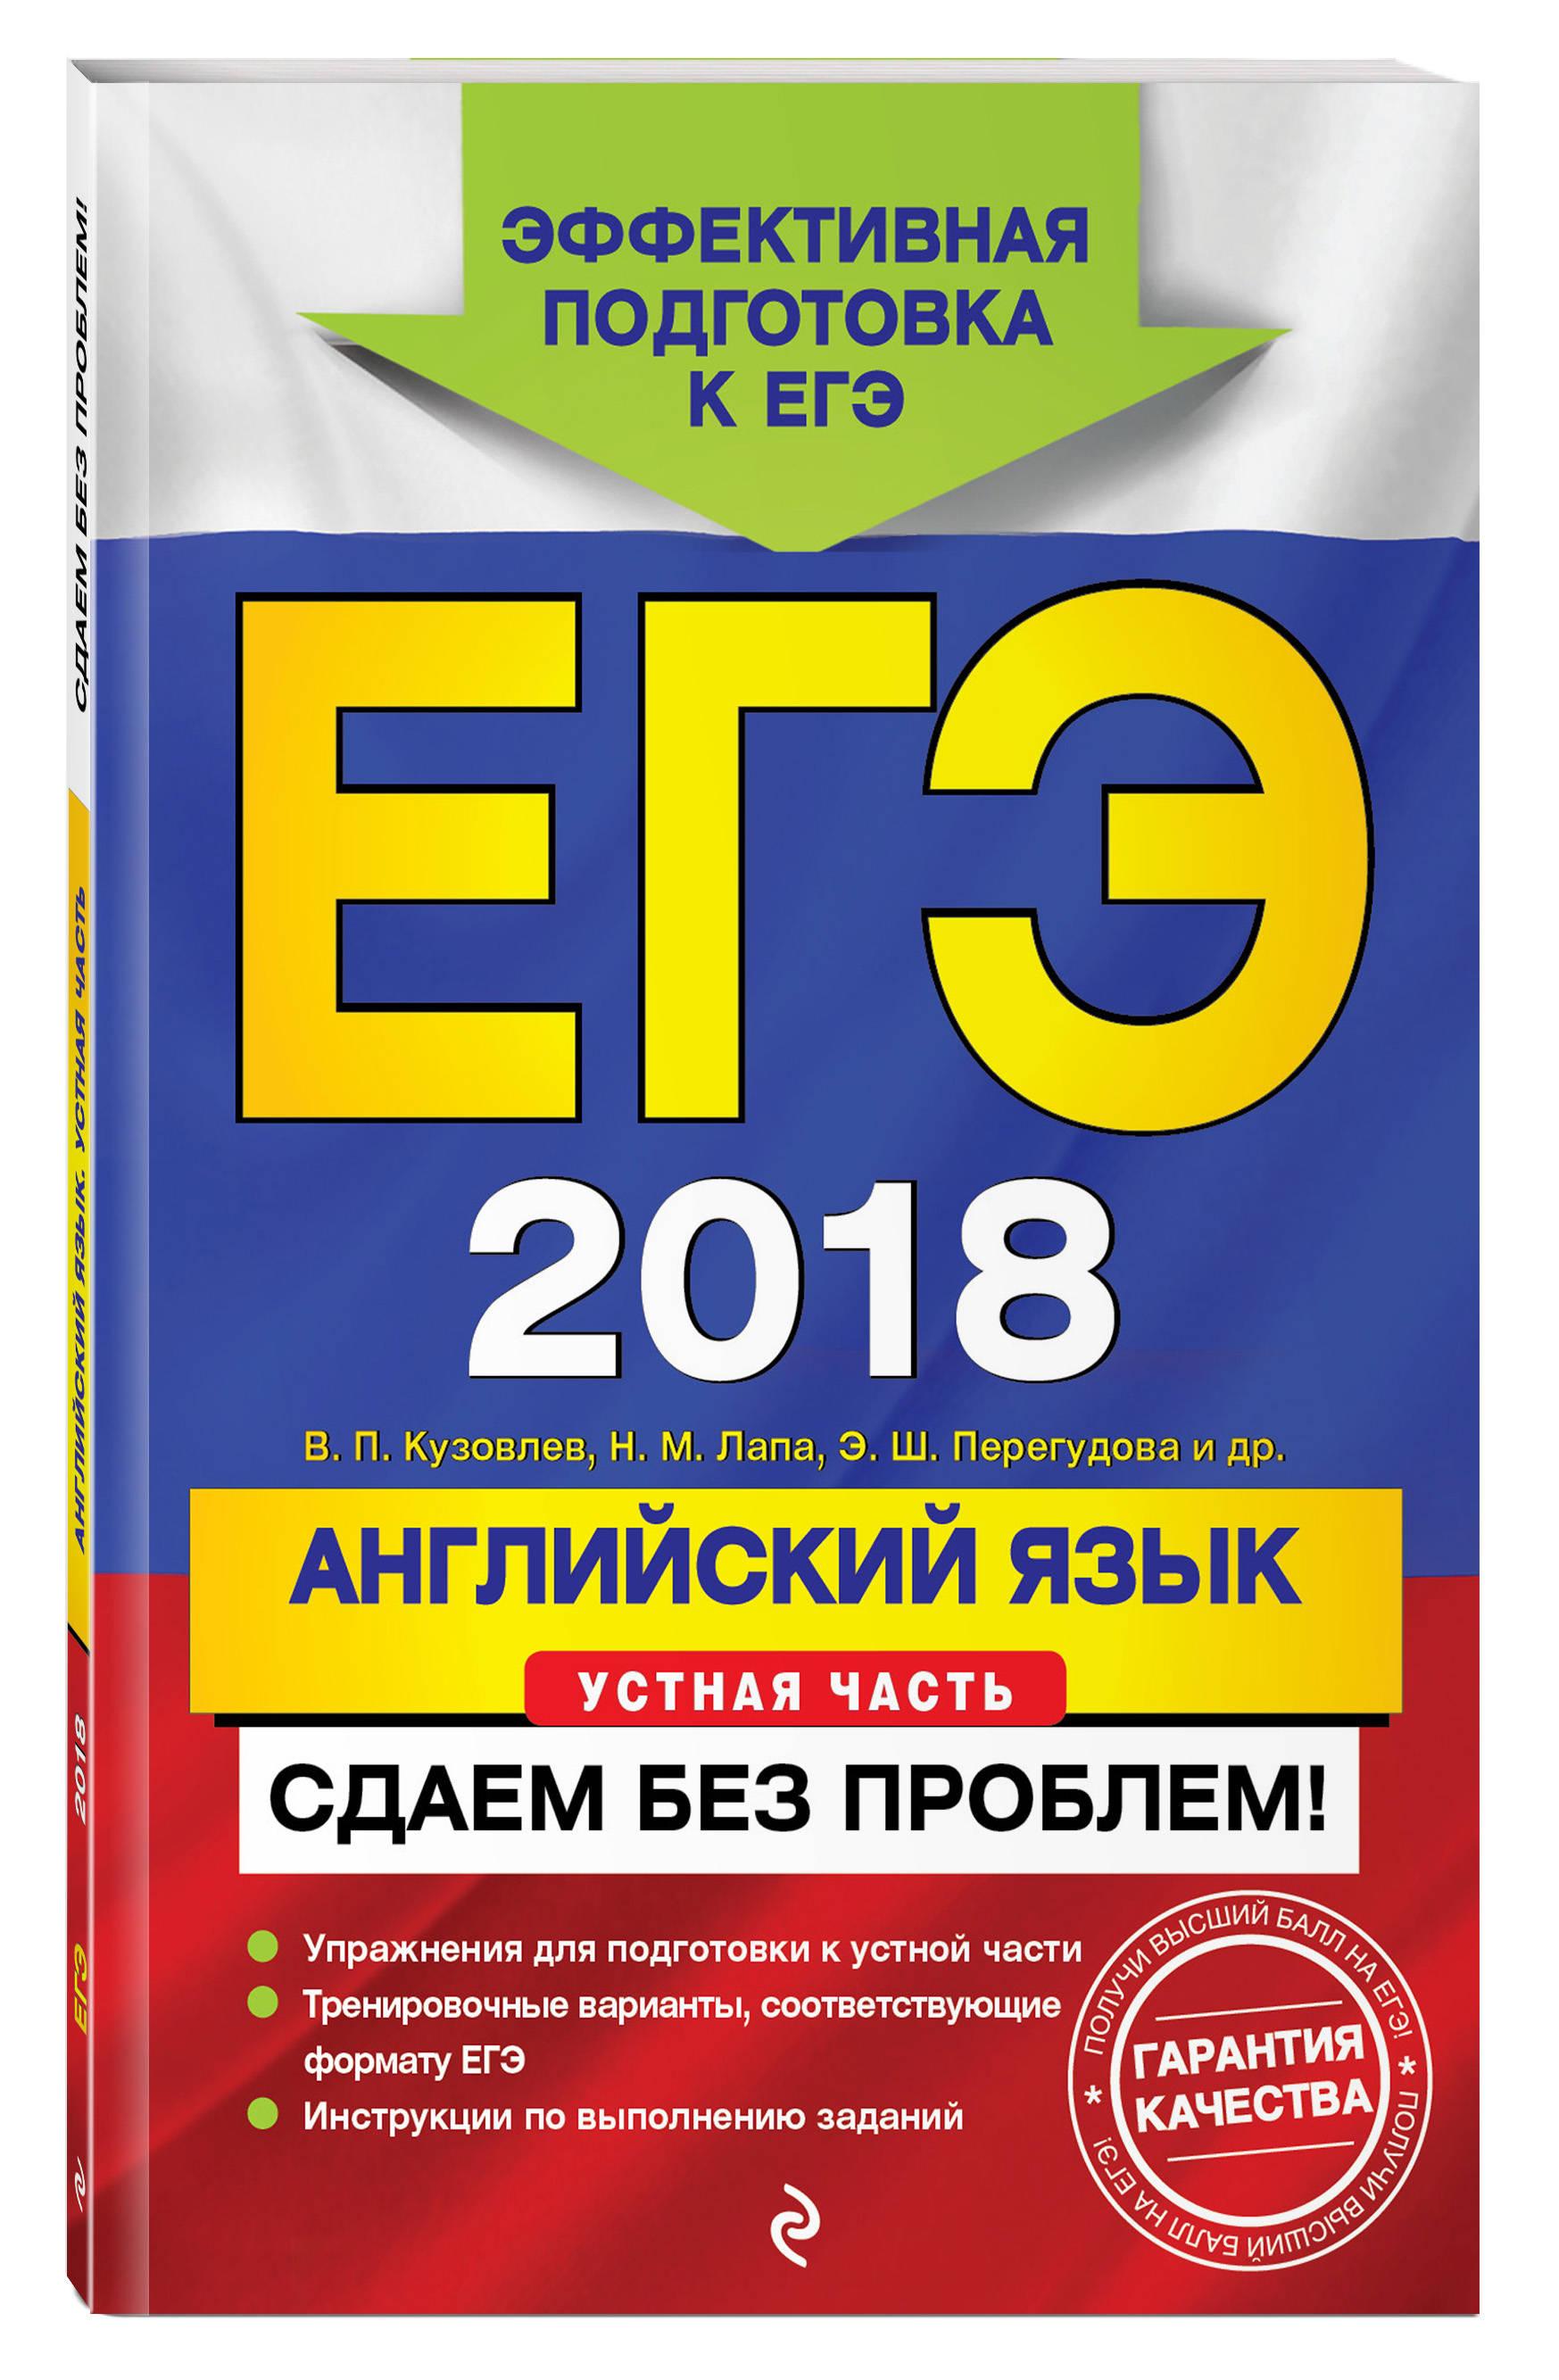 ЕГЭ-2018. Английский язык. Устная часть. Сдаем без проблем!